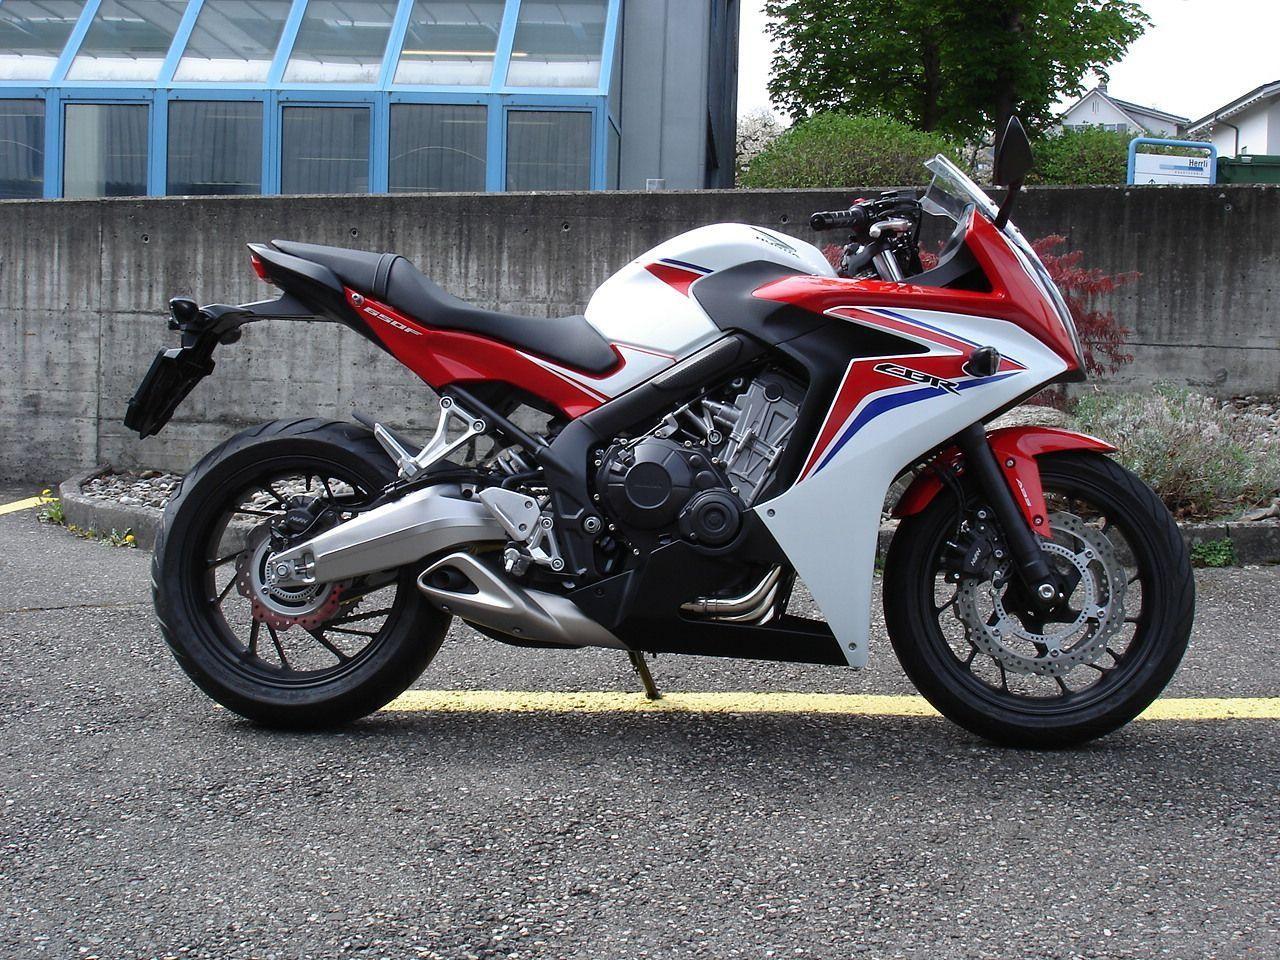 buy motorbike pre owned honda cbr 650 fa abs moto zehnder ag port. Black Bedroom Furniture Sets. Home Design Ideas